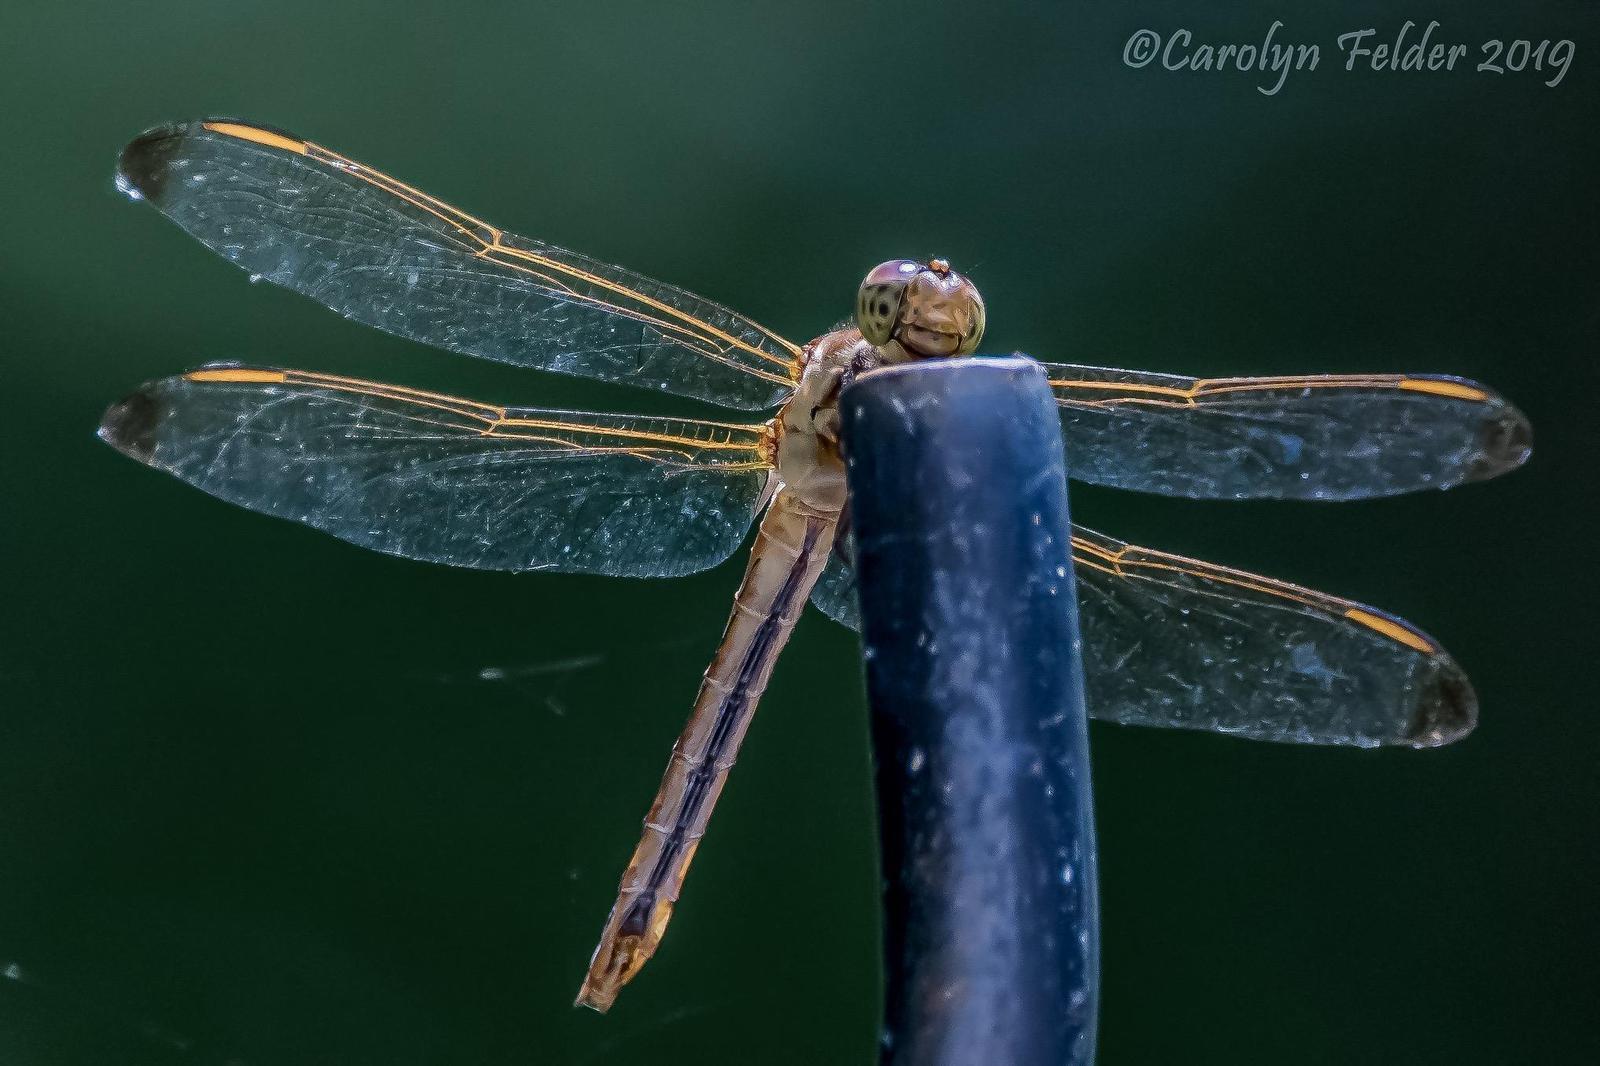 Needham's Skimmer Photo by Carolyn Felder